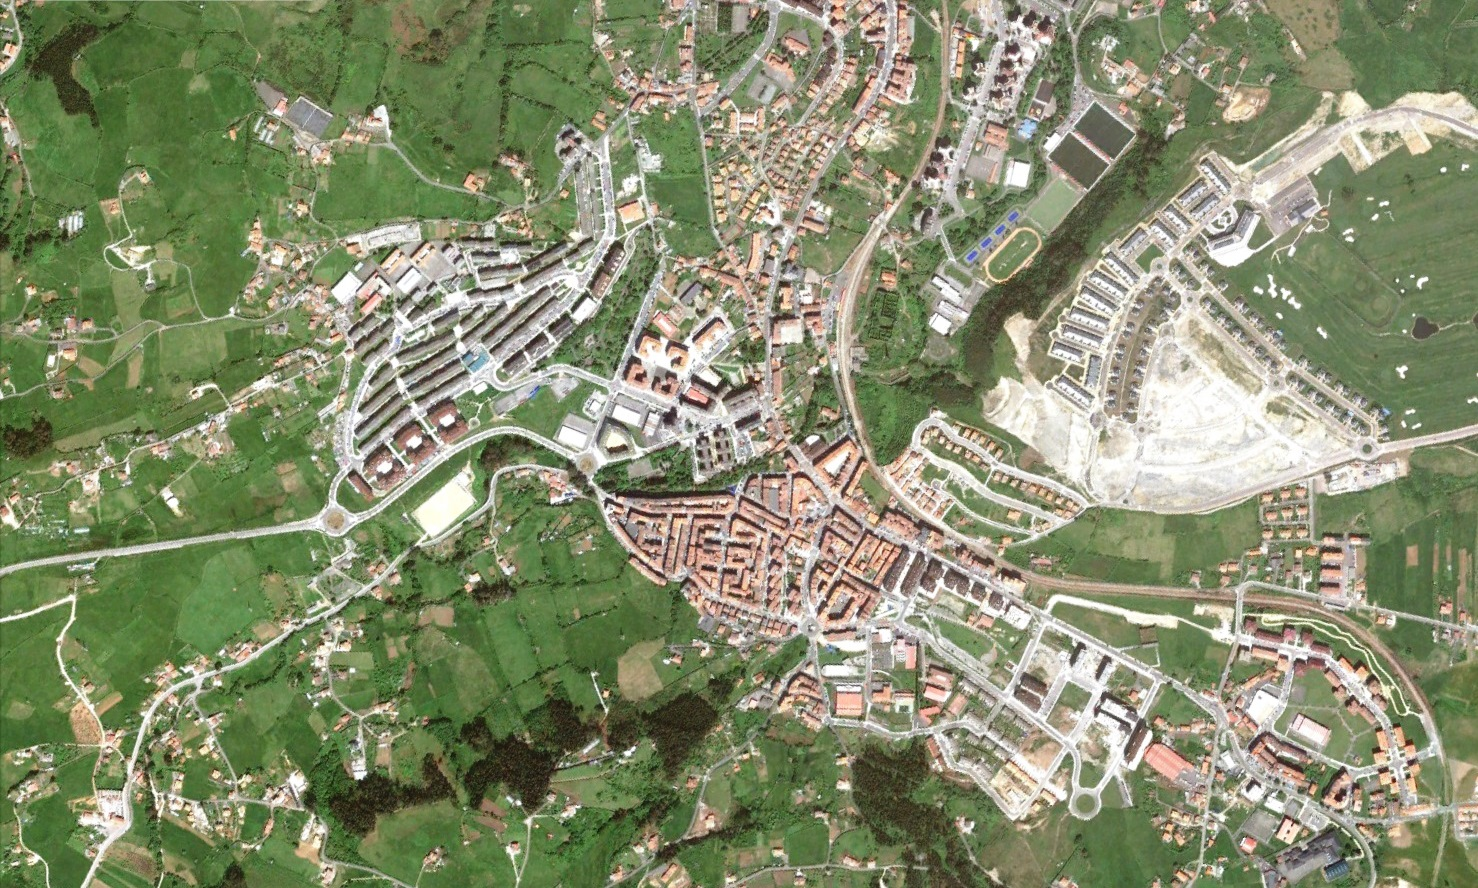 después, urbanismo, foto aérea,desastre, urbanístico, planeamiento, urbano, construcción,Avilés, Asturias